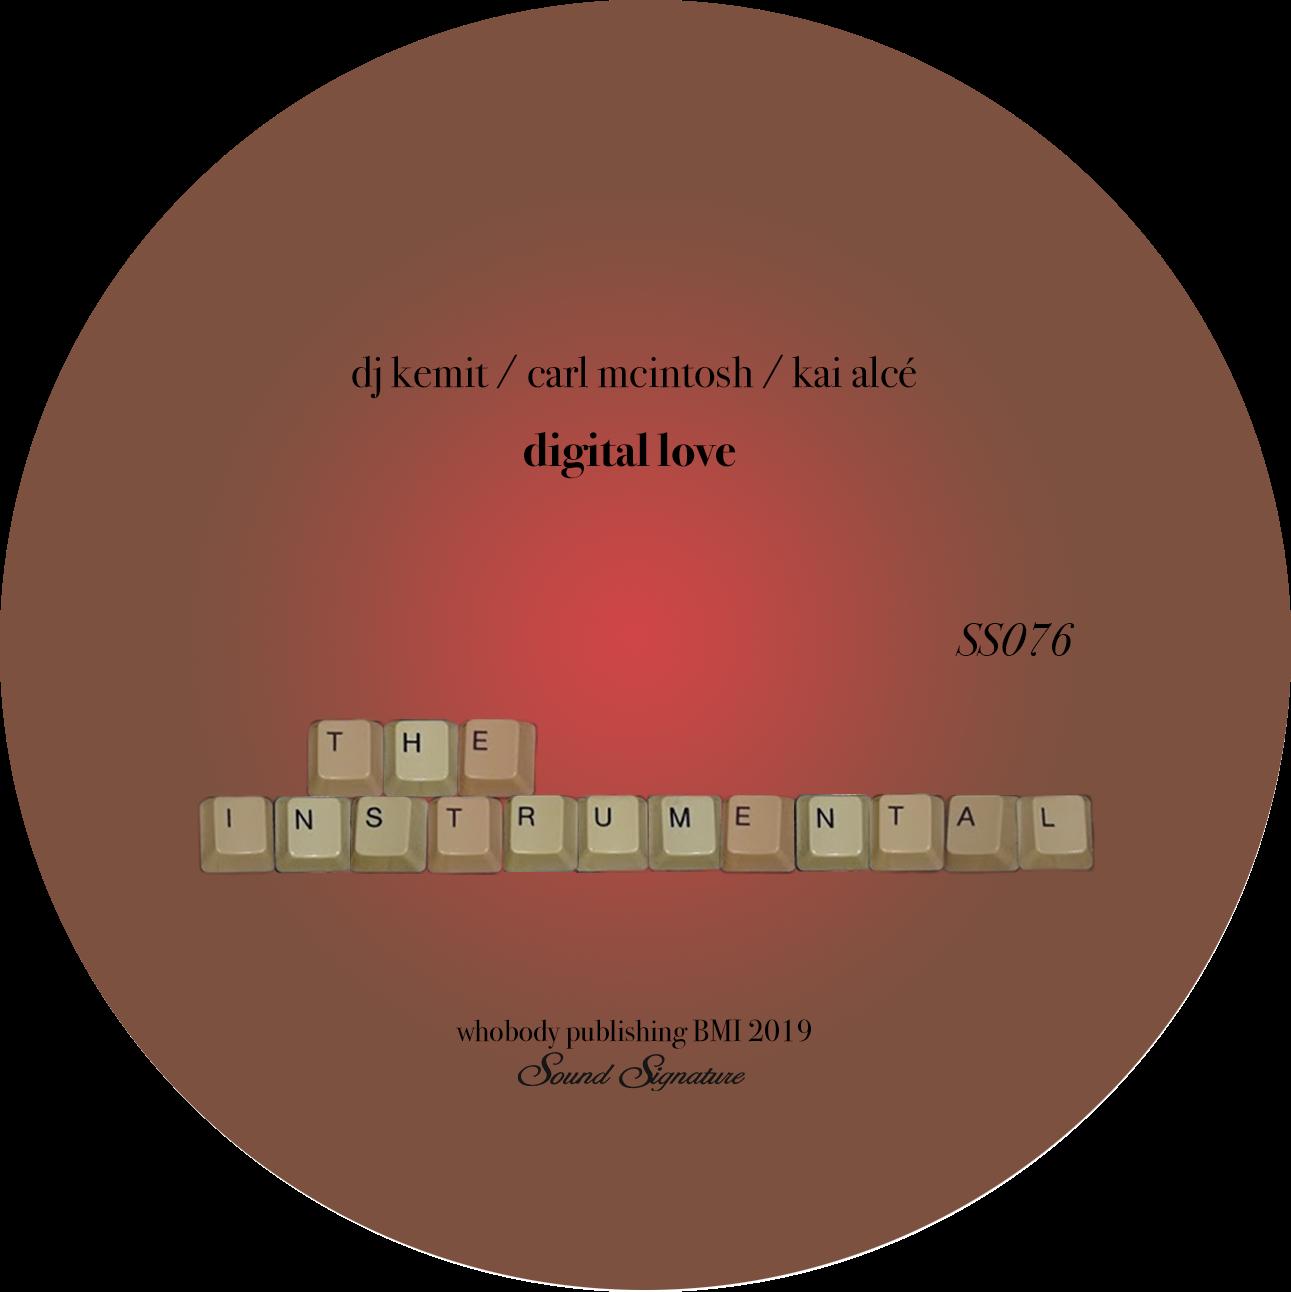 DJ Kemit, Carl McIntosh, Kai Alce - Digital Love (Remix)